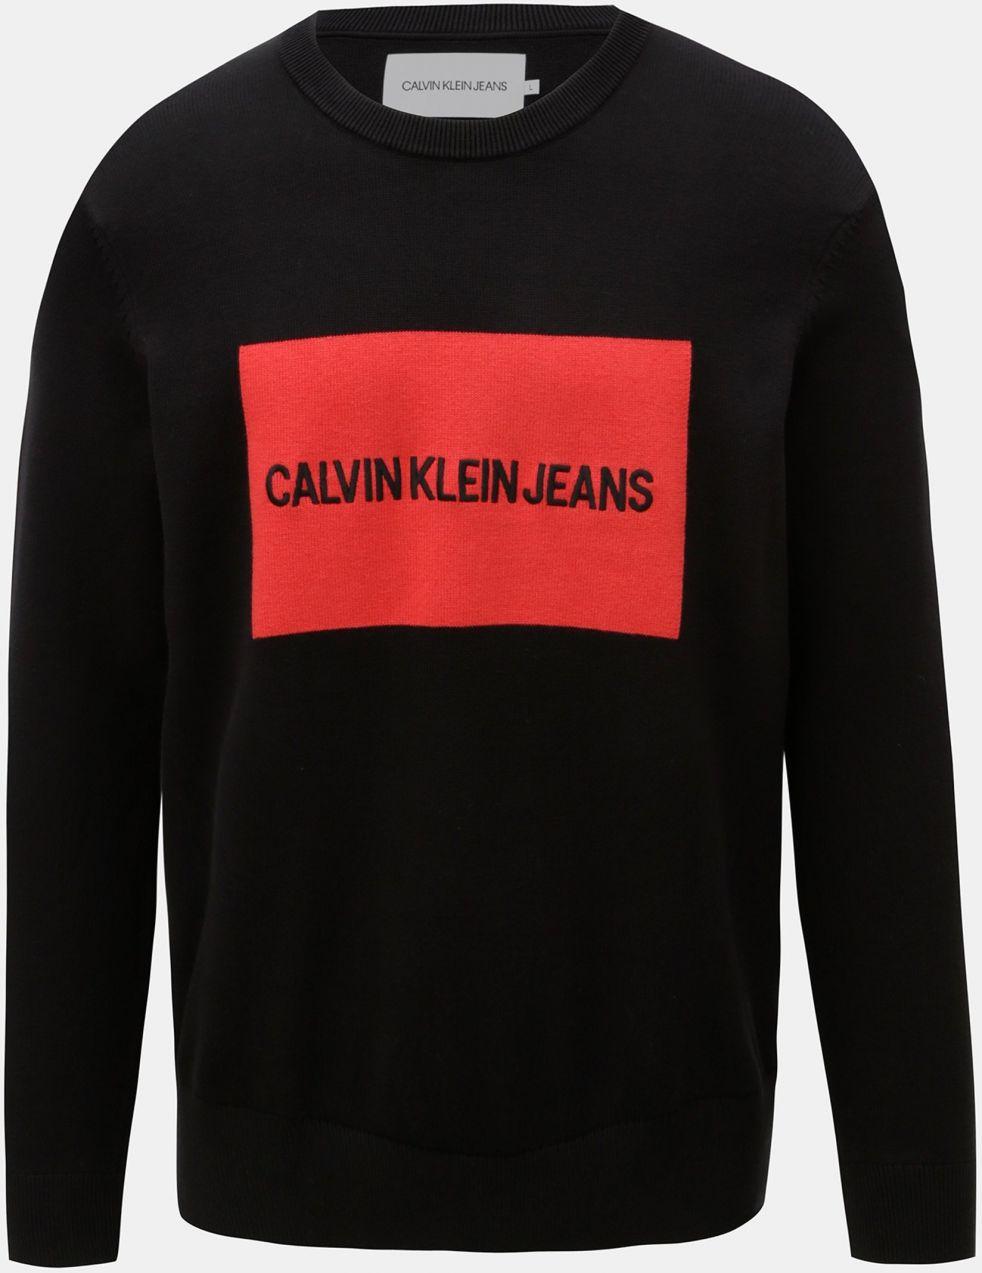 3c2cd52207 Červeno-čierny pánsky sveter s výšivkou a prímesou vlny Calvin Klein Jeans  značky Calvin Klein Jeans - Lovely.sk